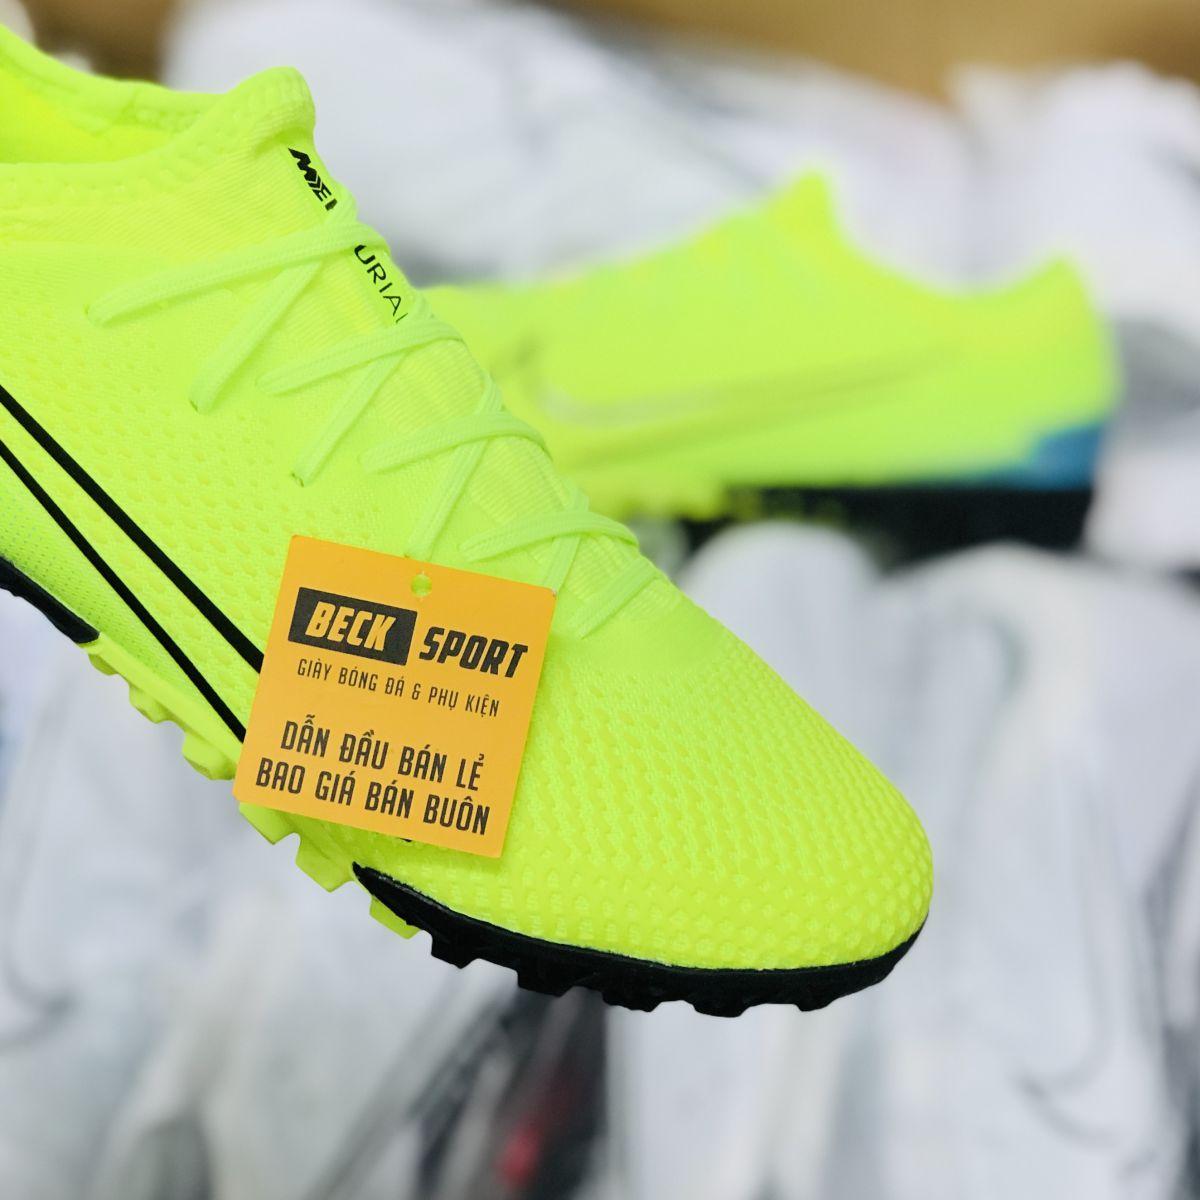 Giày Bóng Đá Nike Mercurial Vapor 13 Pro Dream Speed Nõn Chuối Xanh Ngọc Vạch Đen Cổ Lửng HQ TF